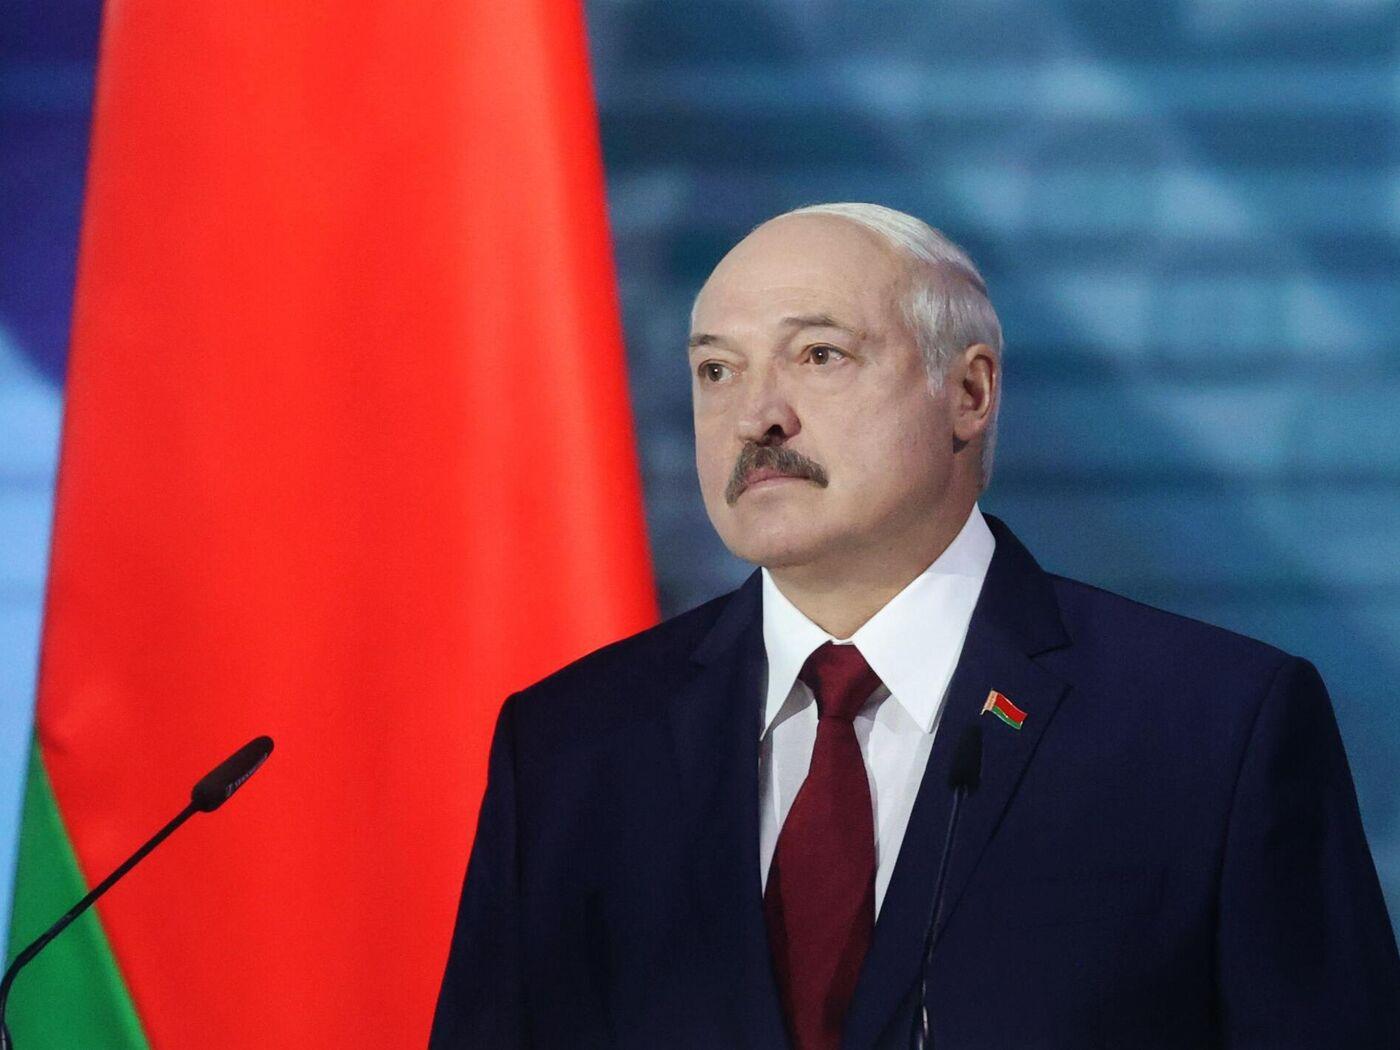 Лукашенко: Молдавский народ не пойдет на свертывание суверенитета и независимости страны